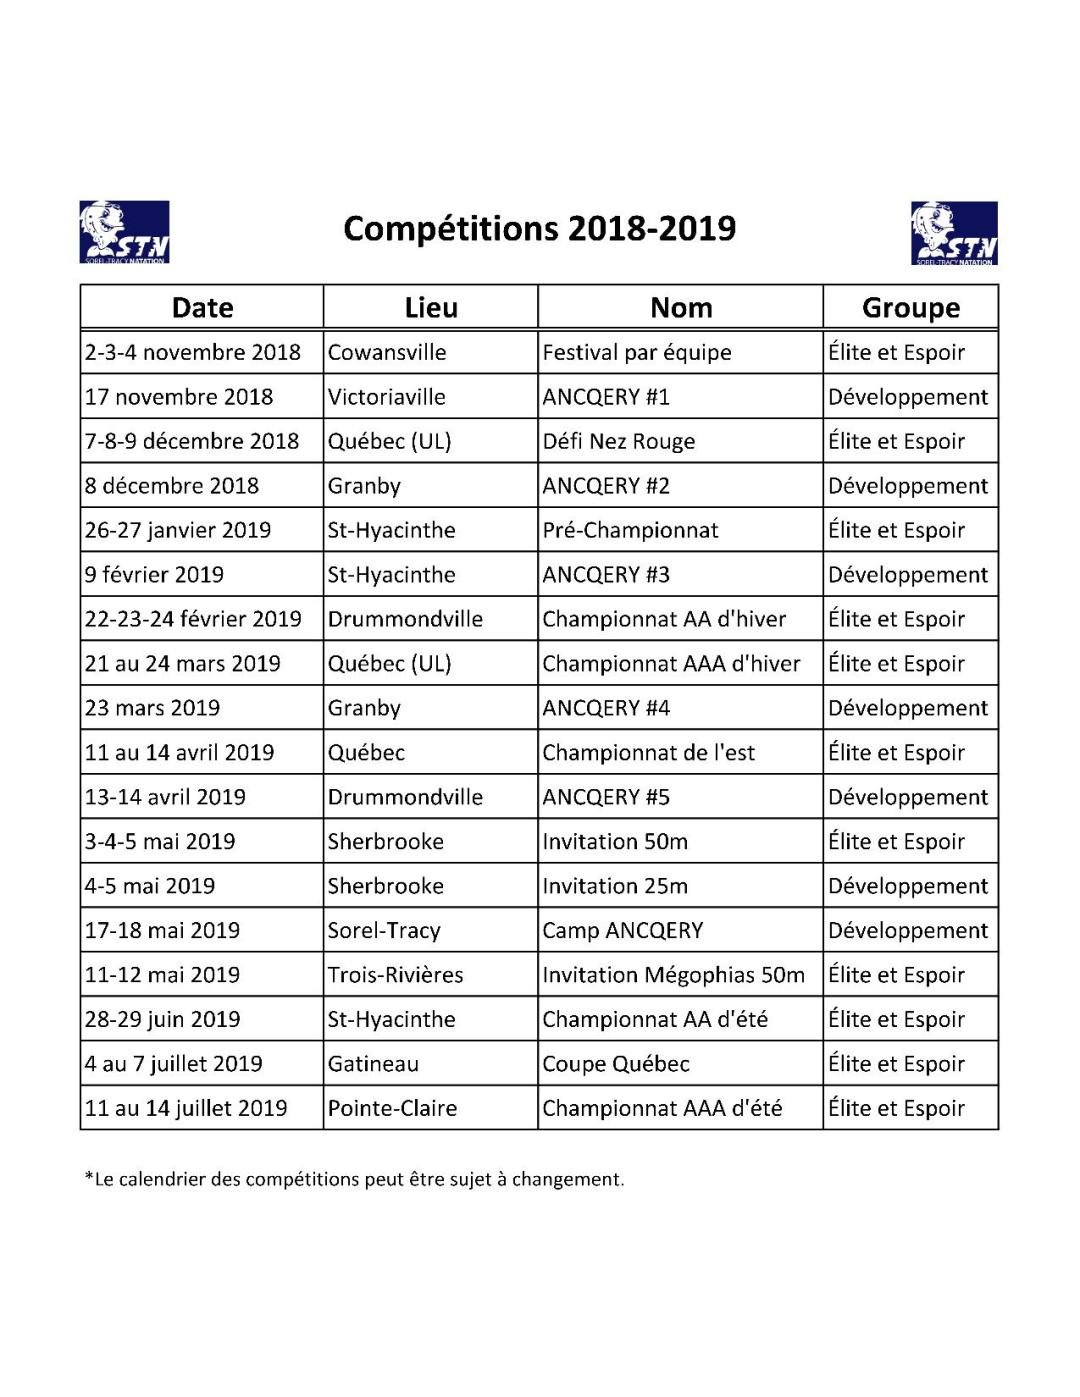 Calendrier des compétitions 2018-19